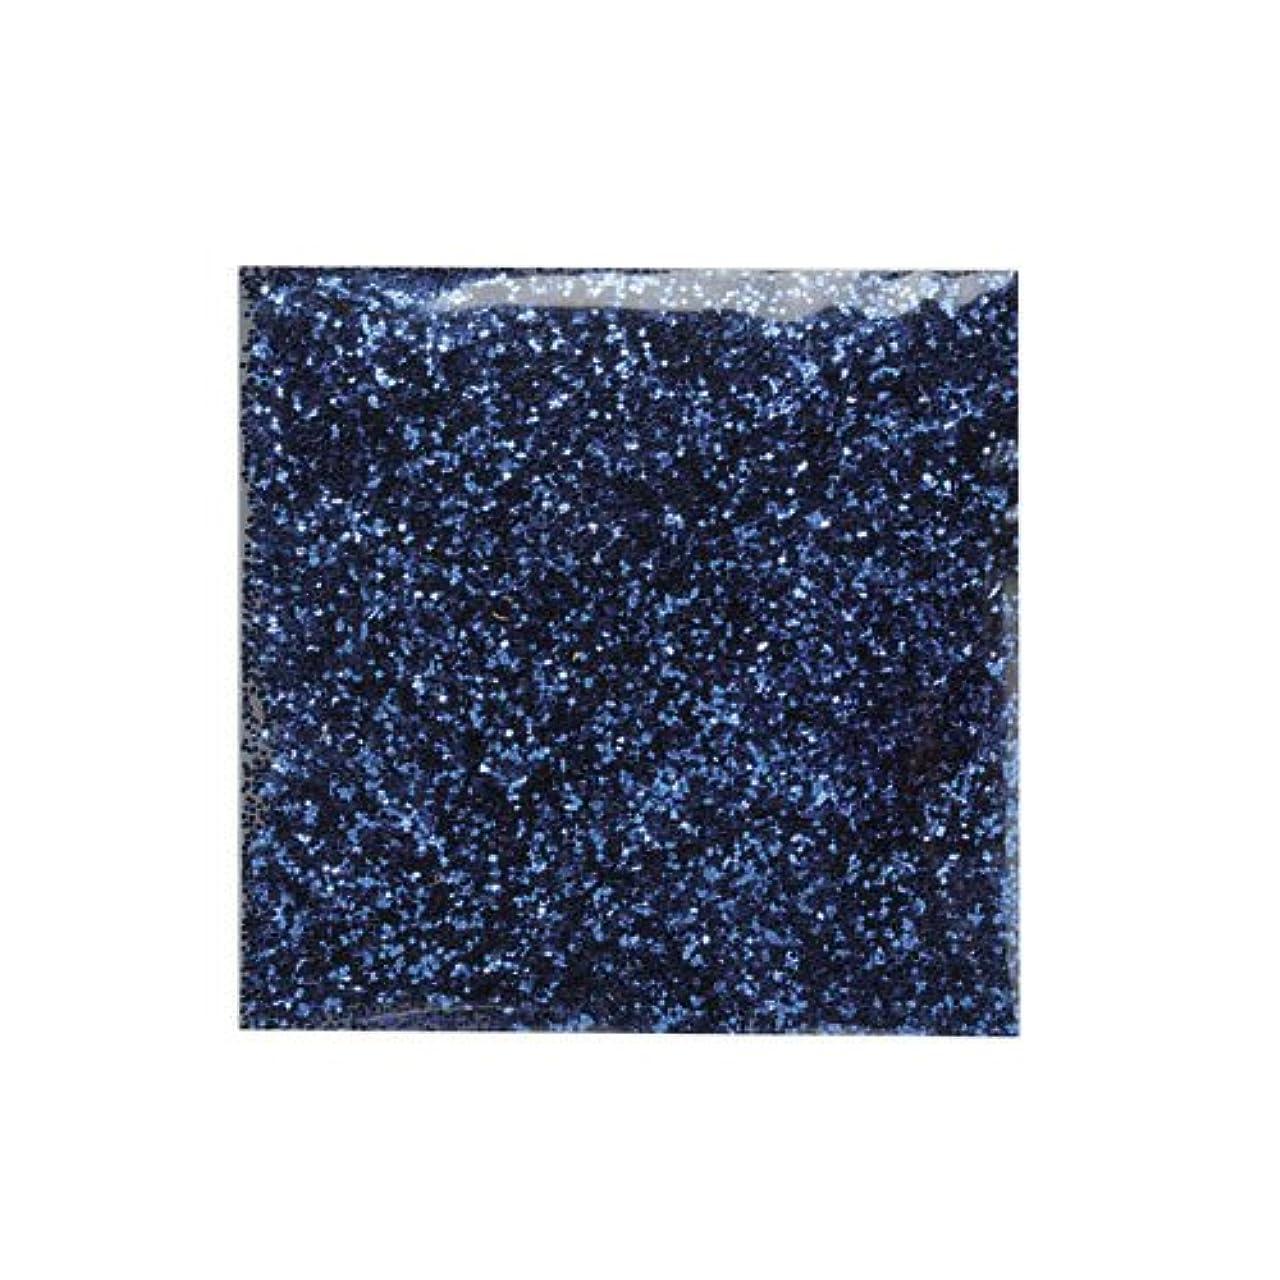 結晶明らかにする個人的にピカエース ネイル用パウダー ピカエース ラメメタリック M #536 ブルー 2g アート材